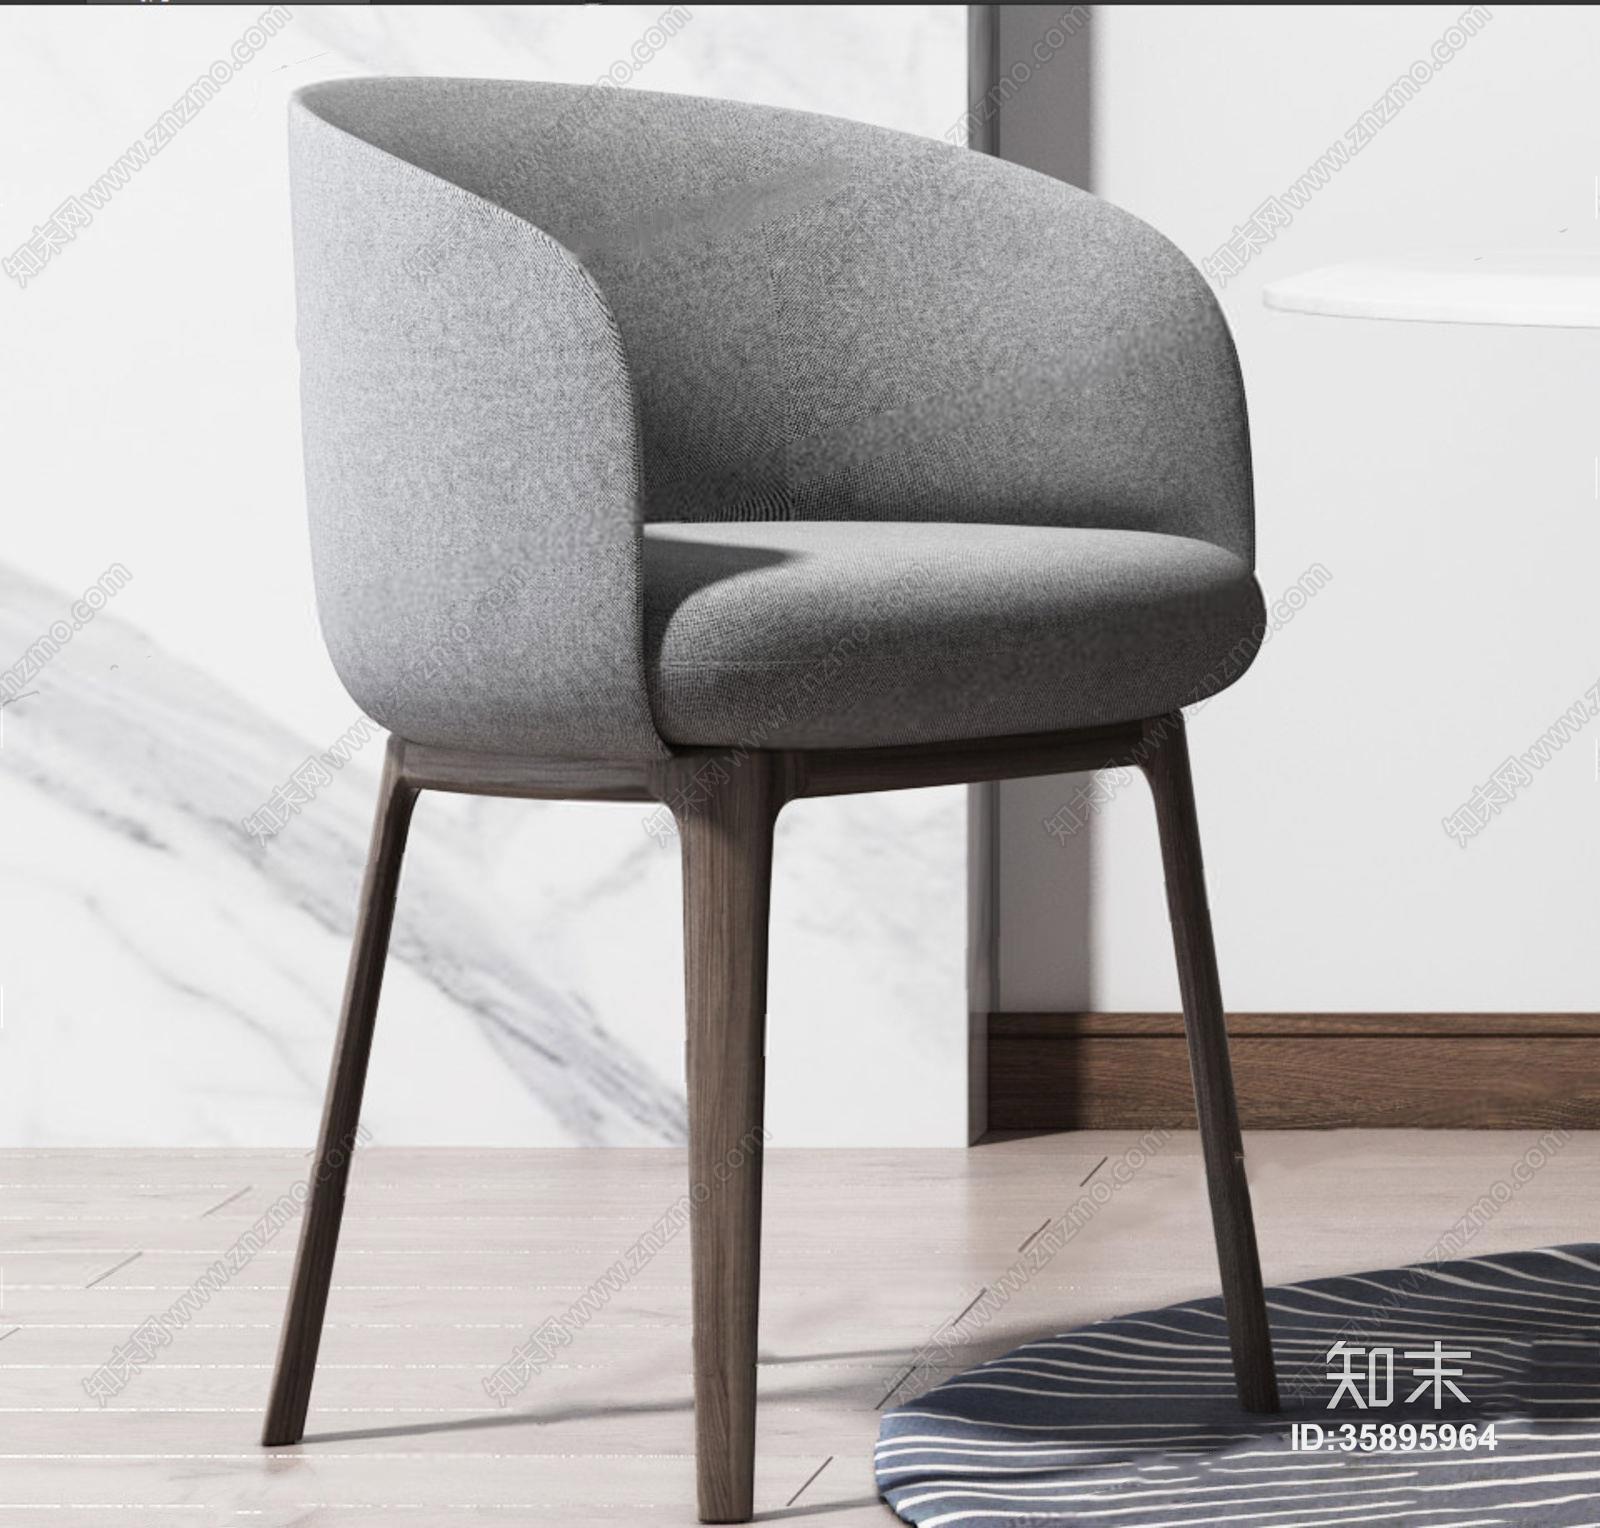 现代圆形餐桌椅组合 现代餐桌椅 圆桌子 单椅 餐椅 吊灯 挂画 圆形地毯 摆件